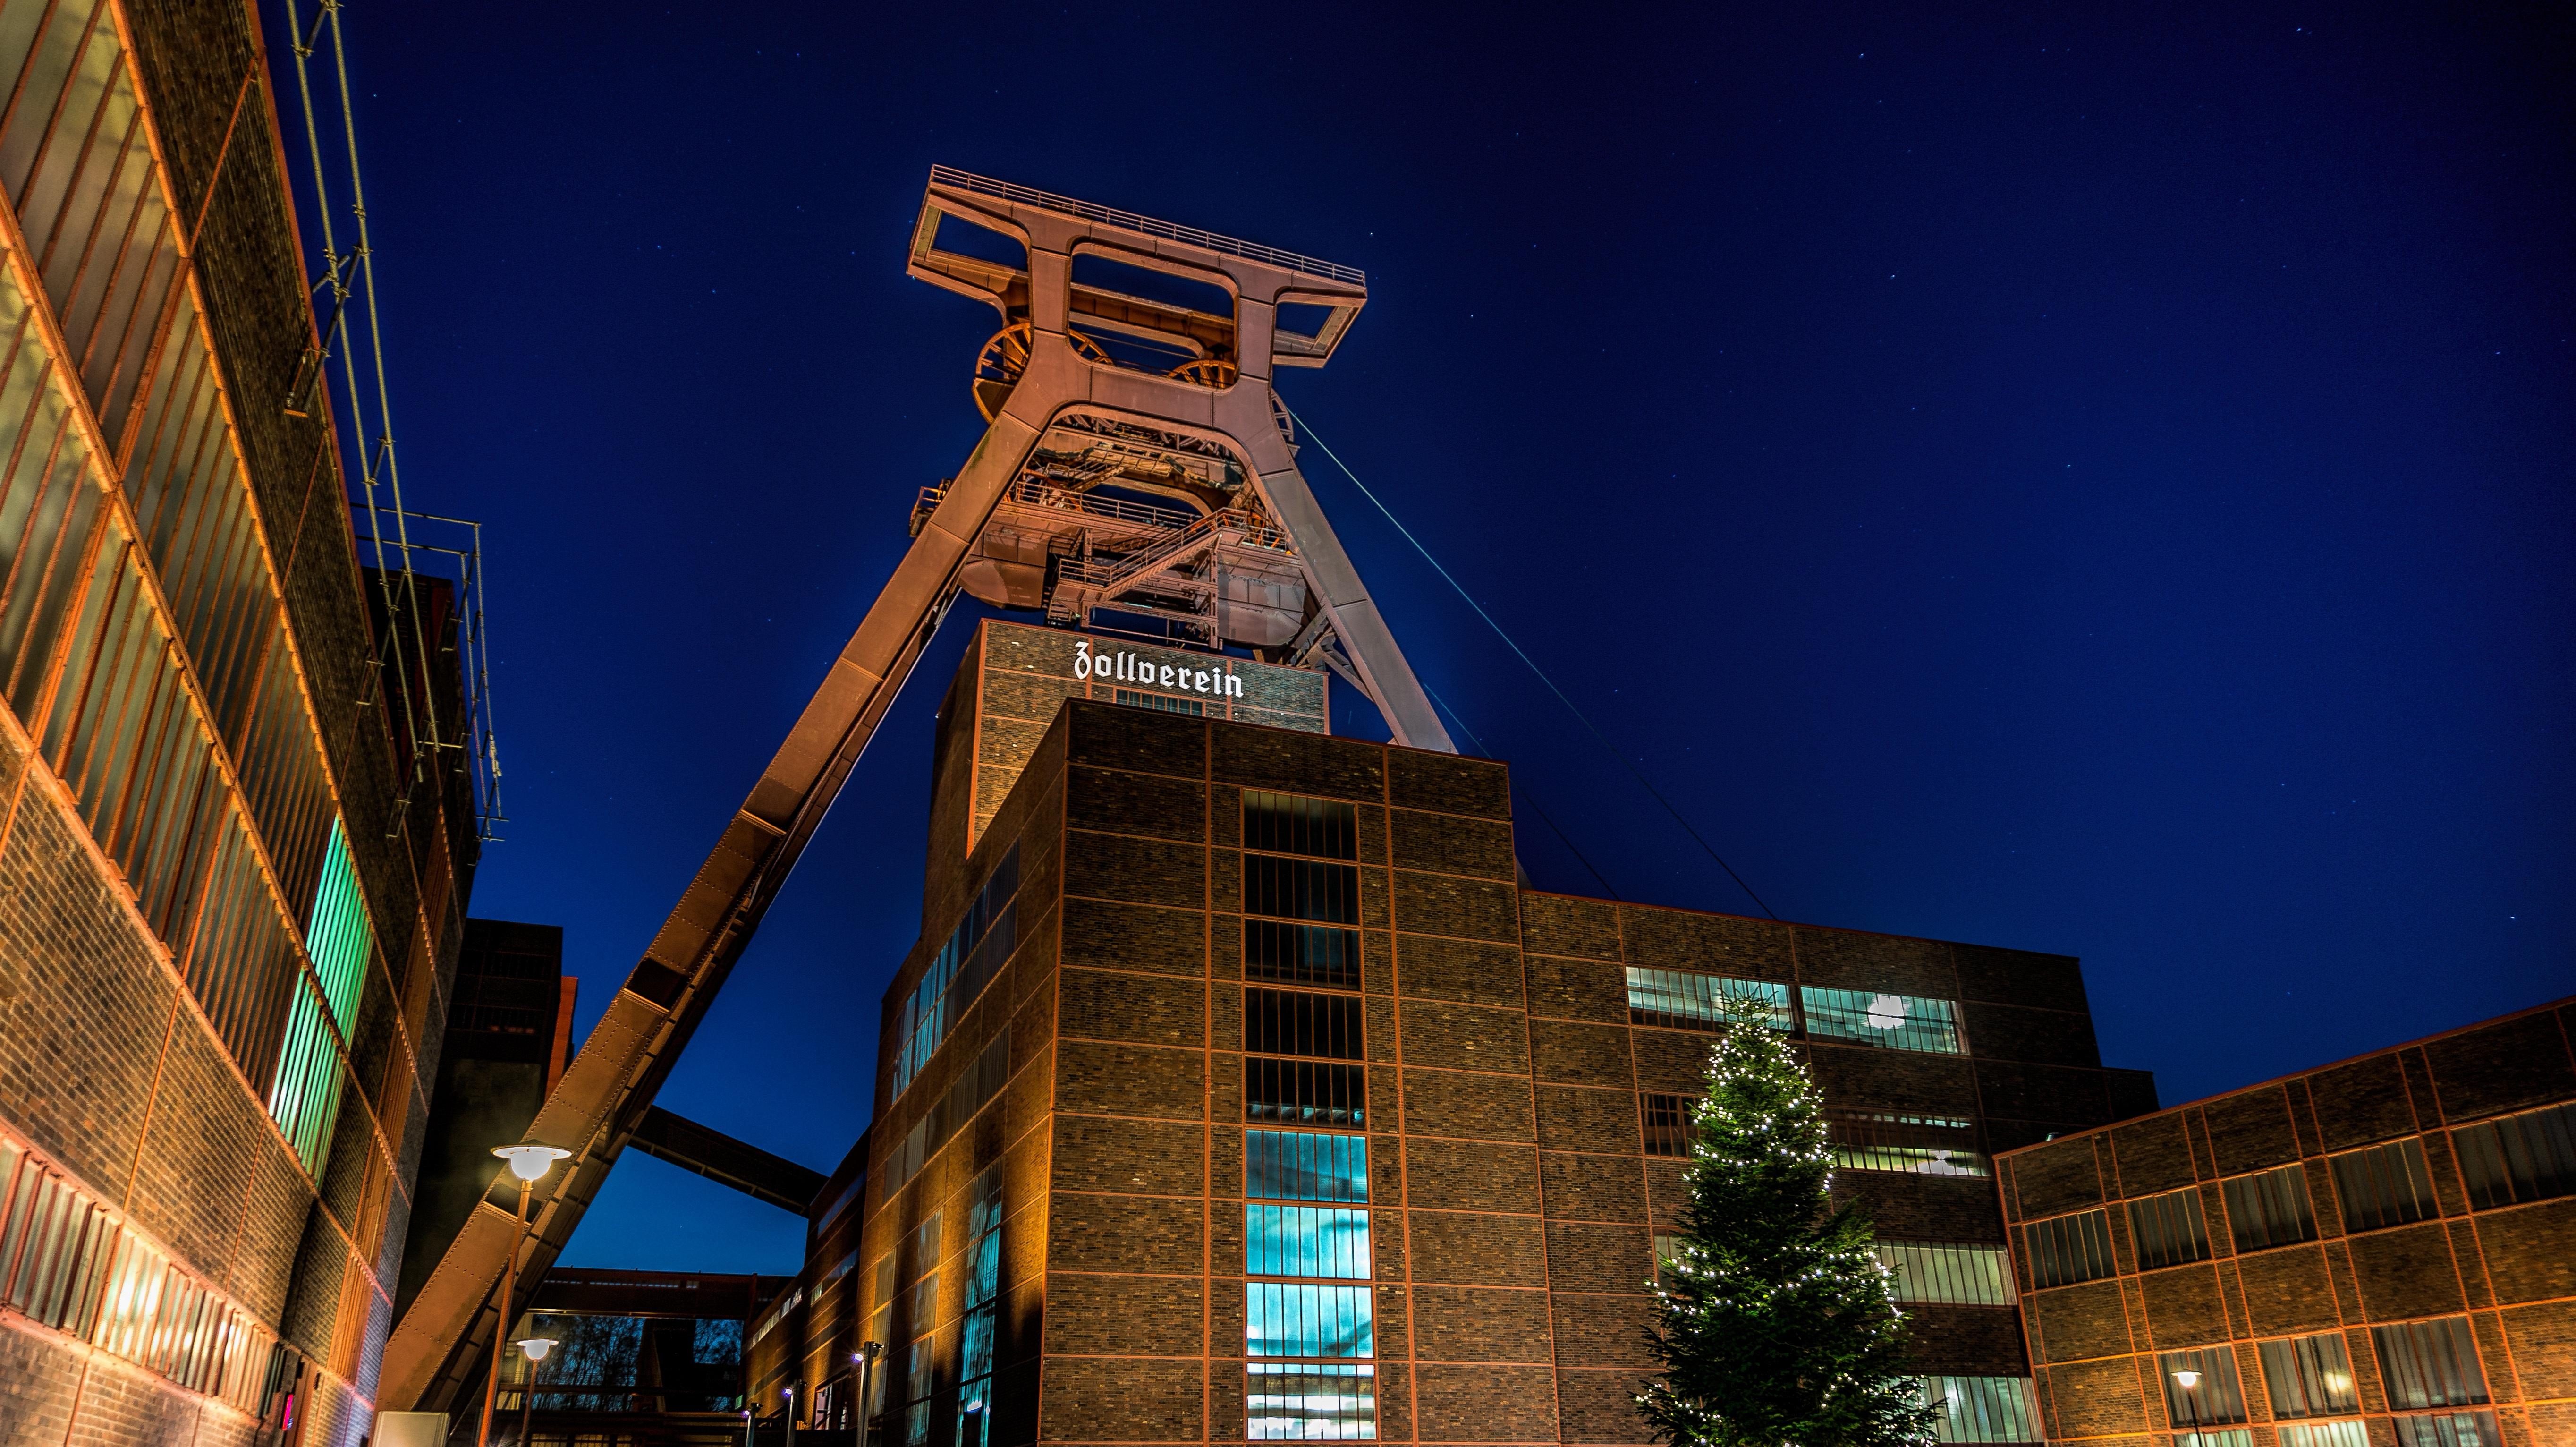 Probleme im Essener Norden hausgemacht – Endruschats Entgleisung schadet der Stadt!